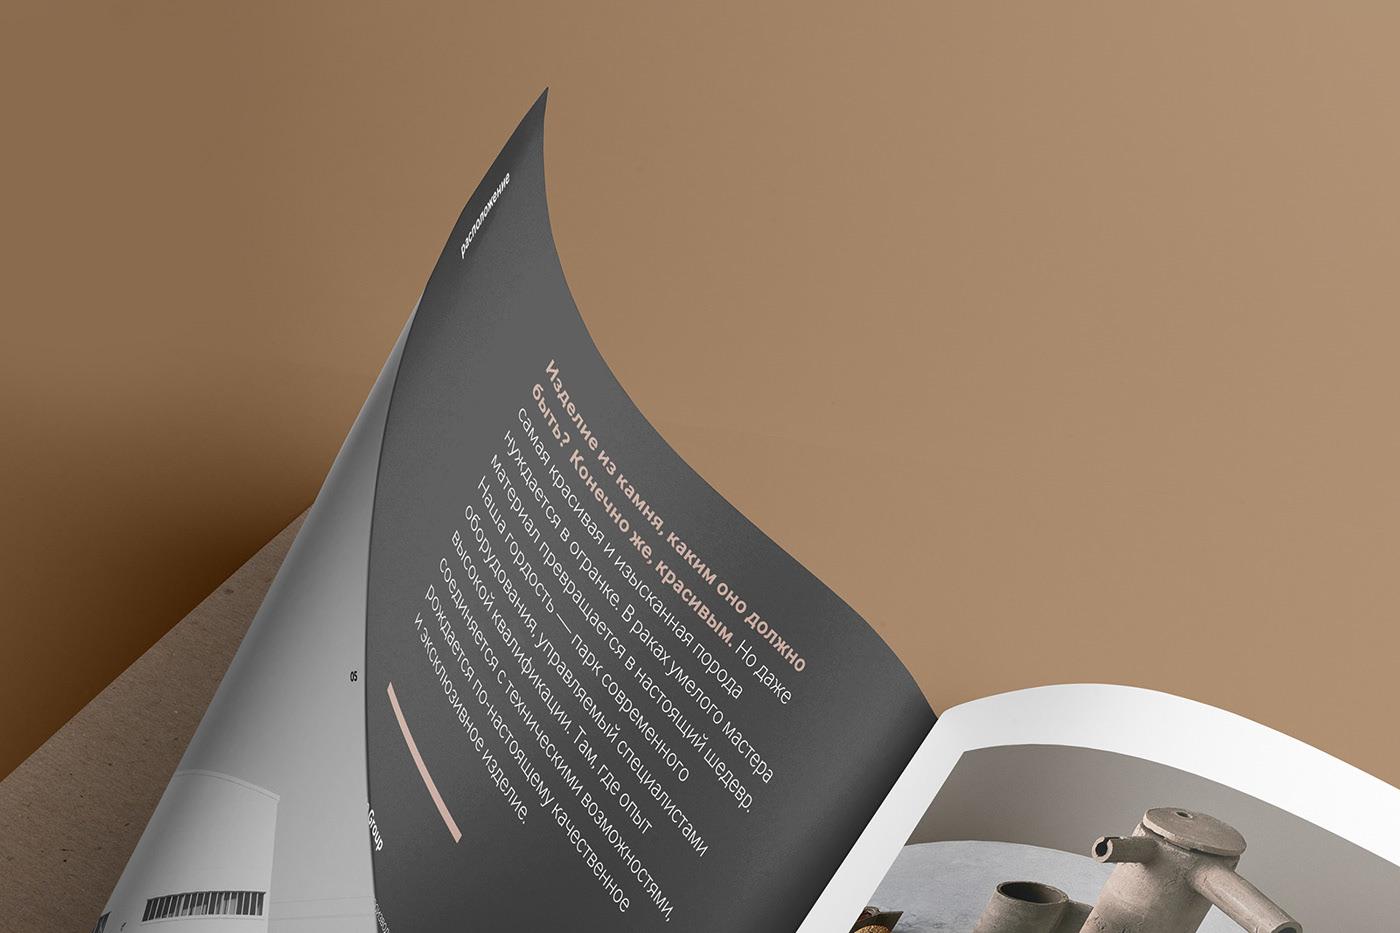 Xưởng in 2T được trang bị những máy in với công nghệ hiện đại